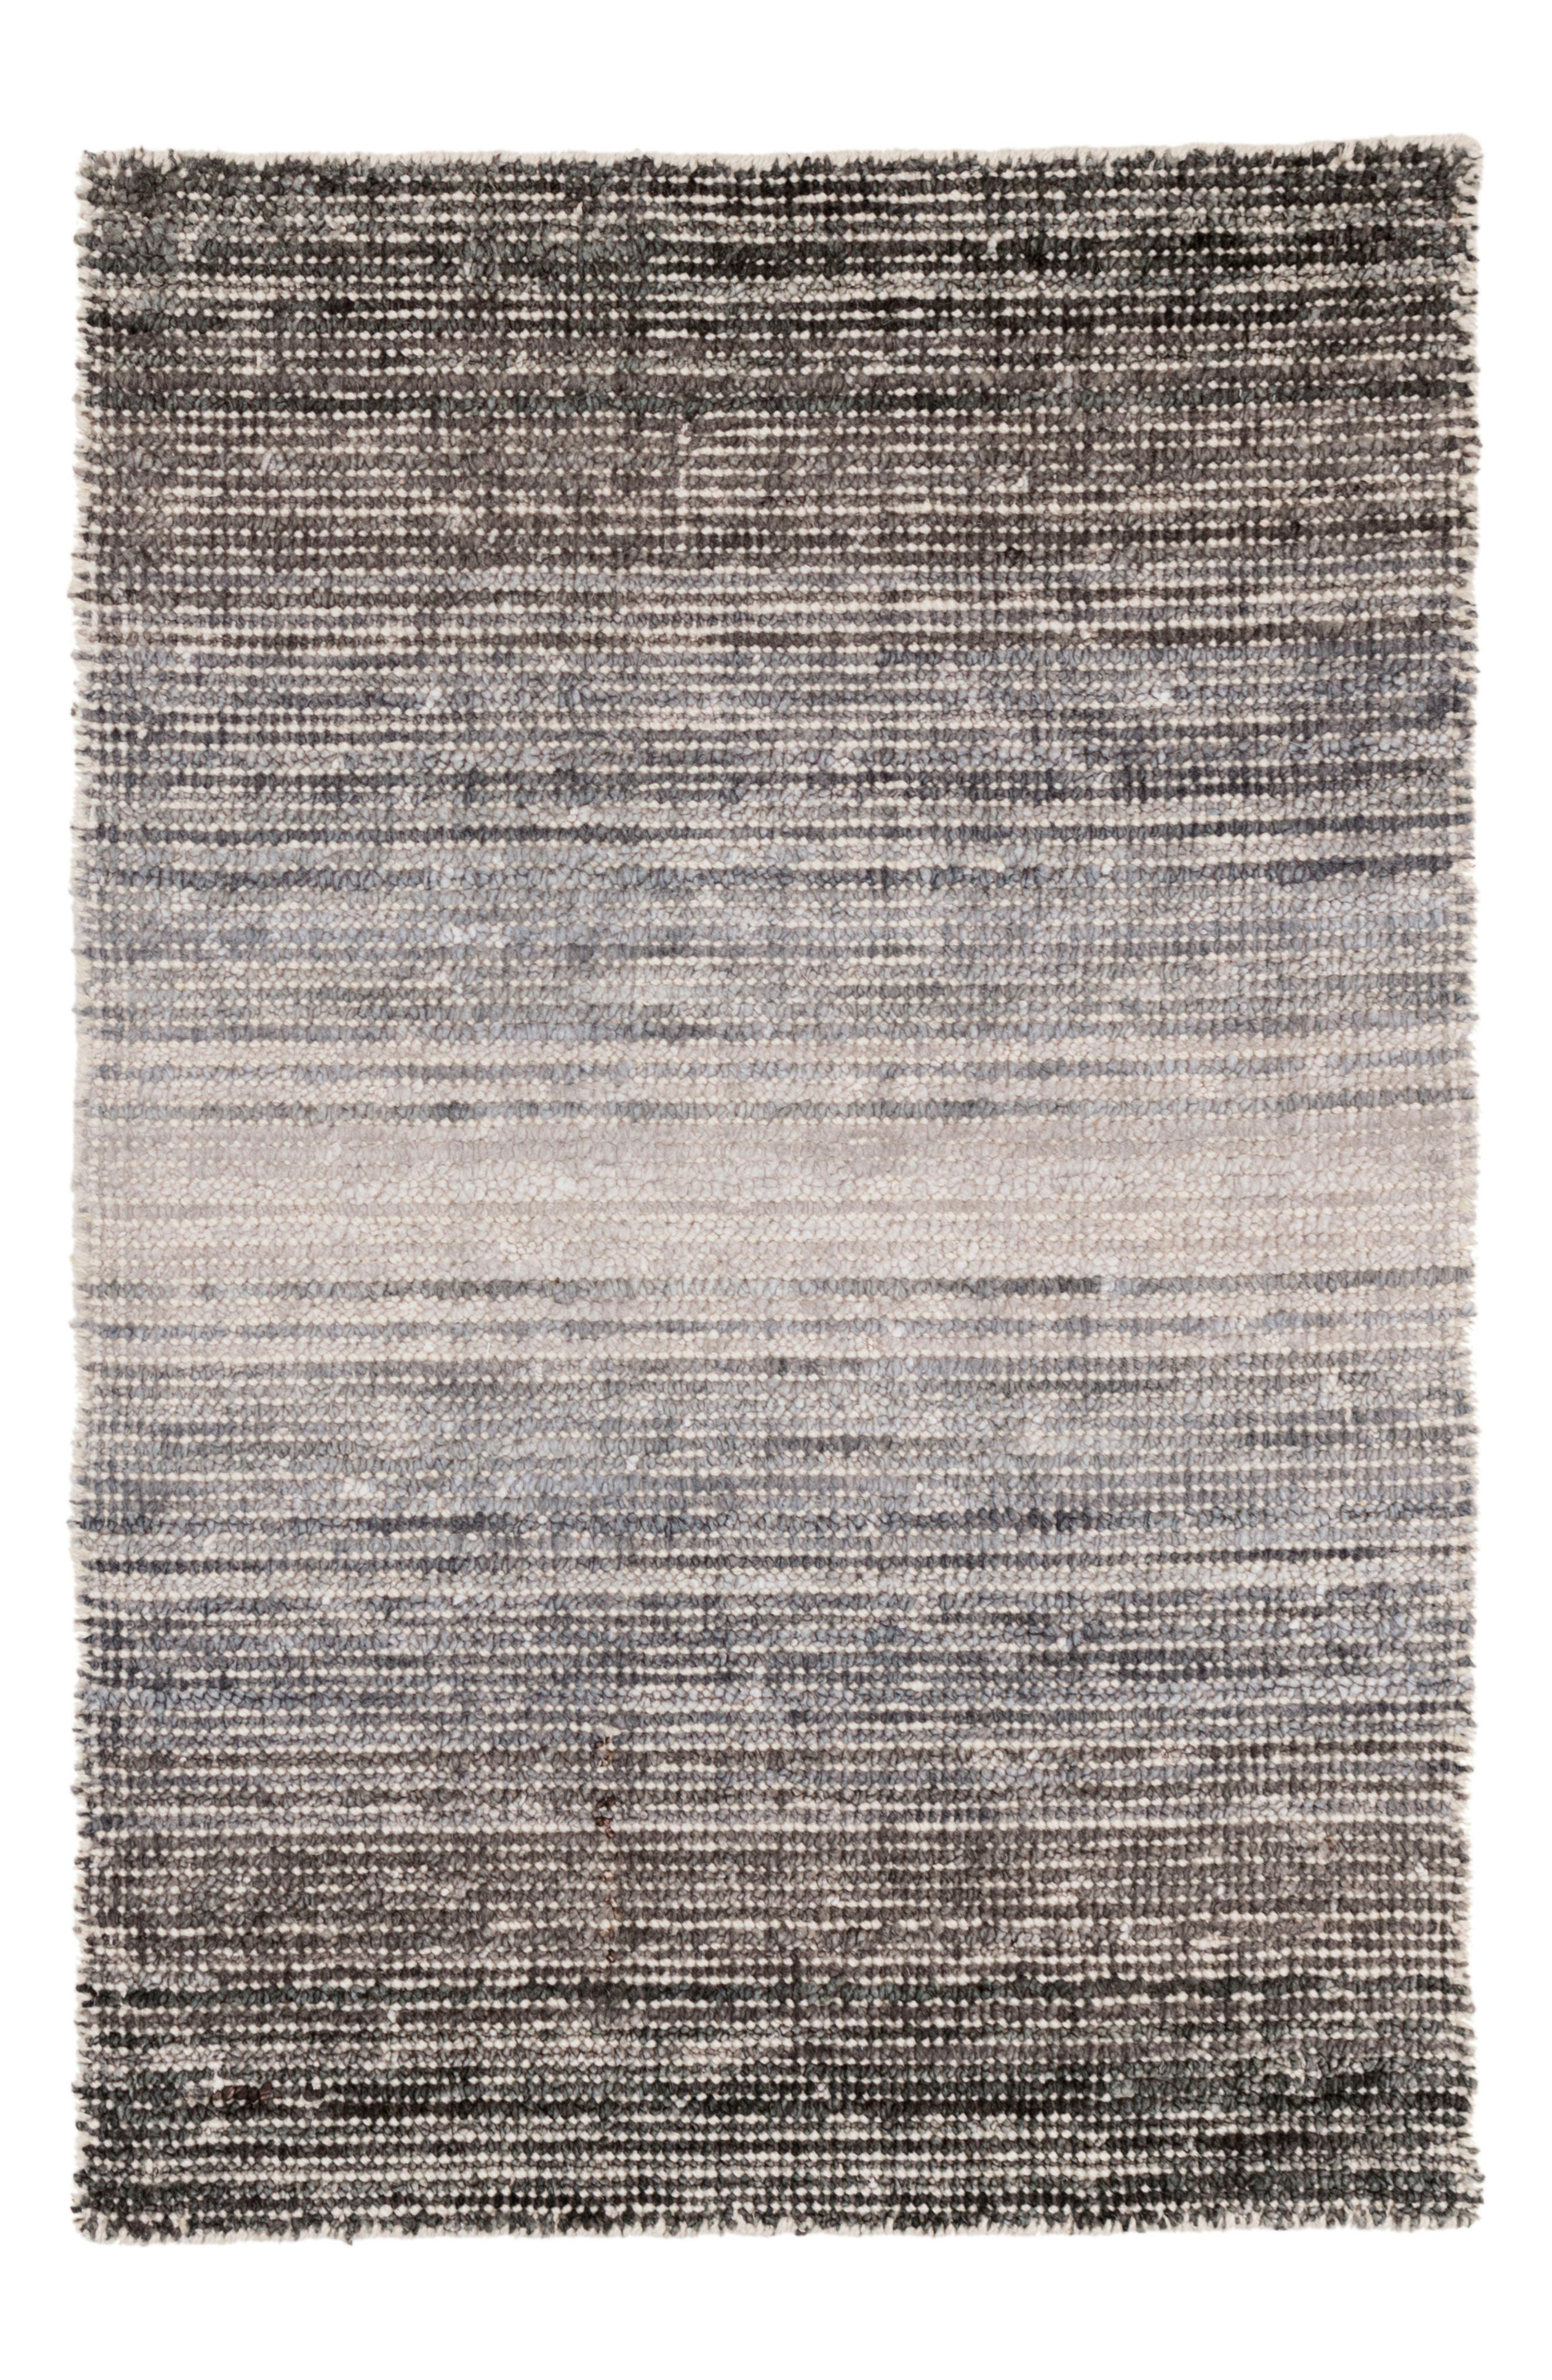 Grey Moon Handwoven Rug,                         Main,                         color, 020